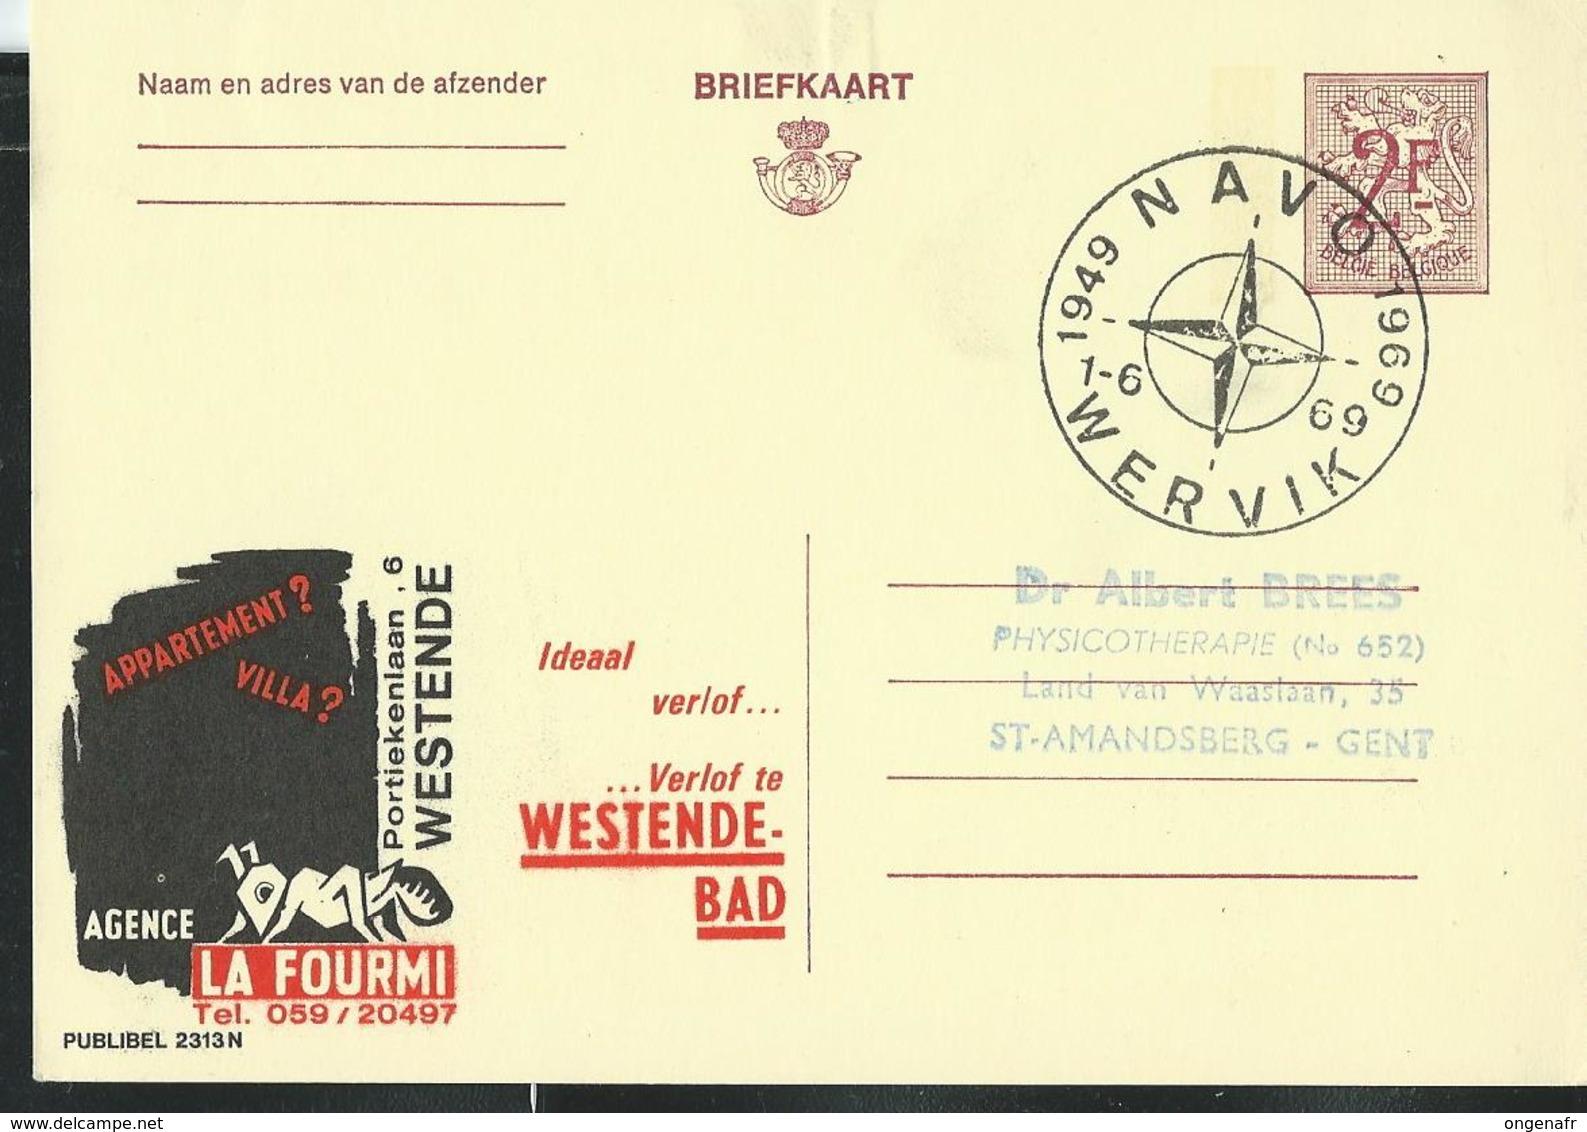 Publibel Obl. N° 2313  (Agence La Fourmi- Westende-Bad)  Obl:  WERVIK  01/06/69  NAVO - Stamped Stationery